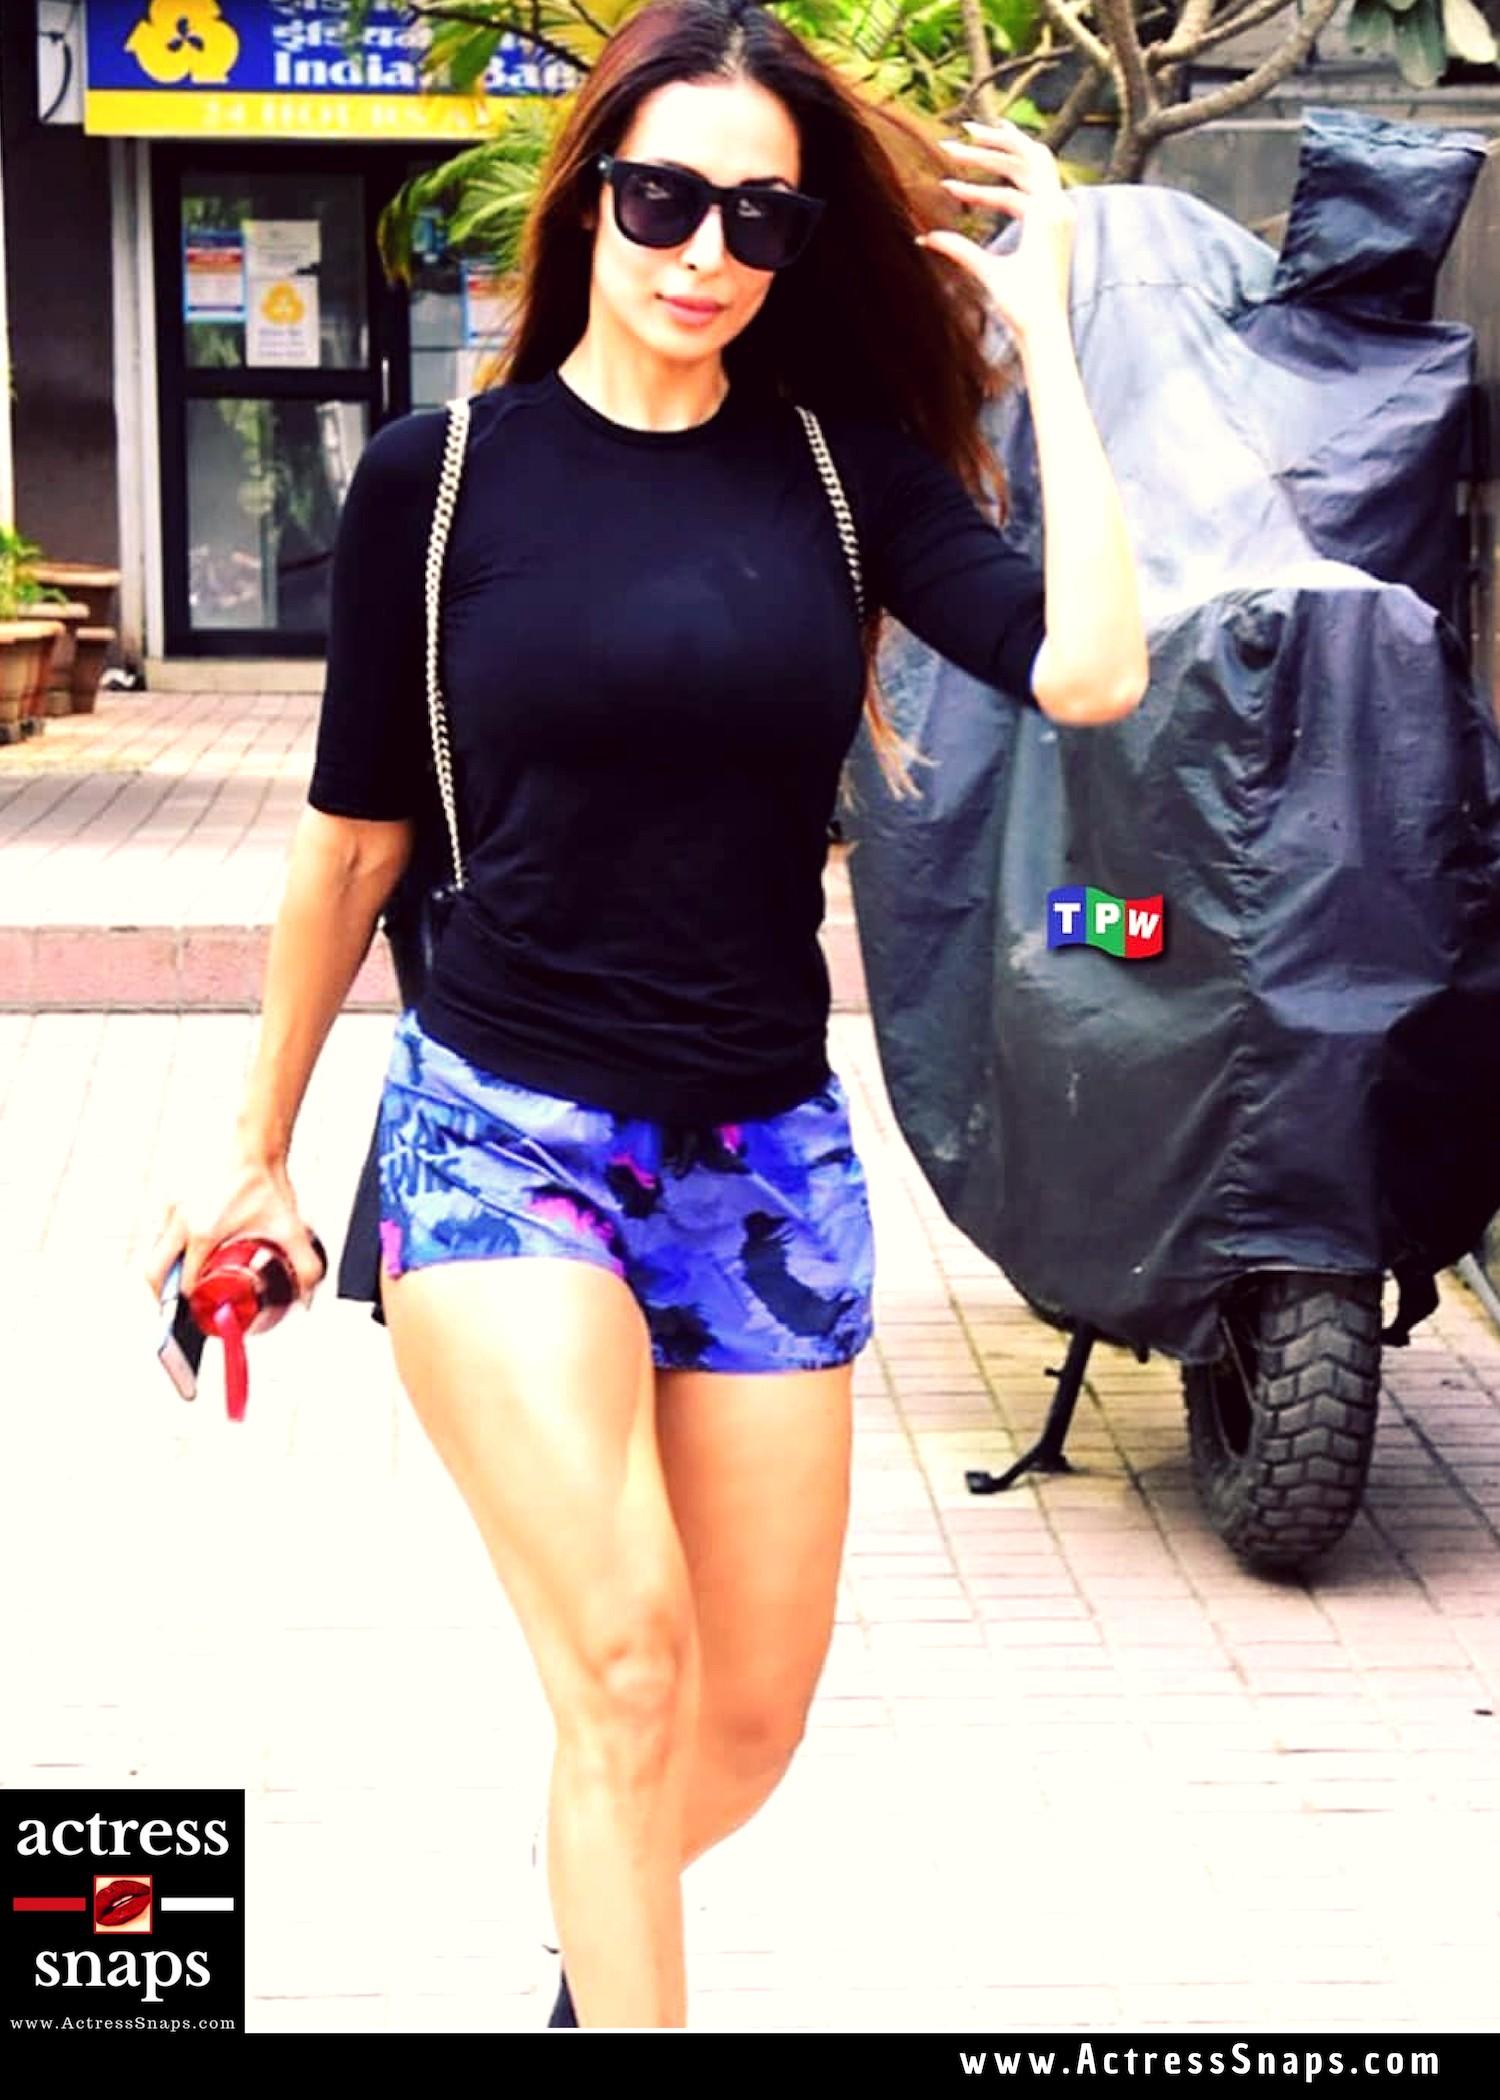 Malaika Arora Photos - Sexy Leg Show - Sexy Actress Pictures | Hot Actress Pictures - ActressSnaps.com